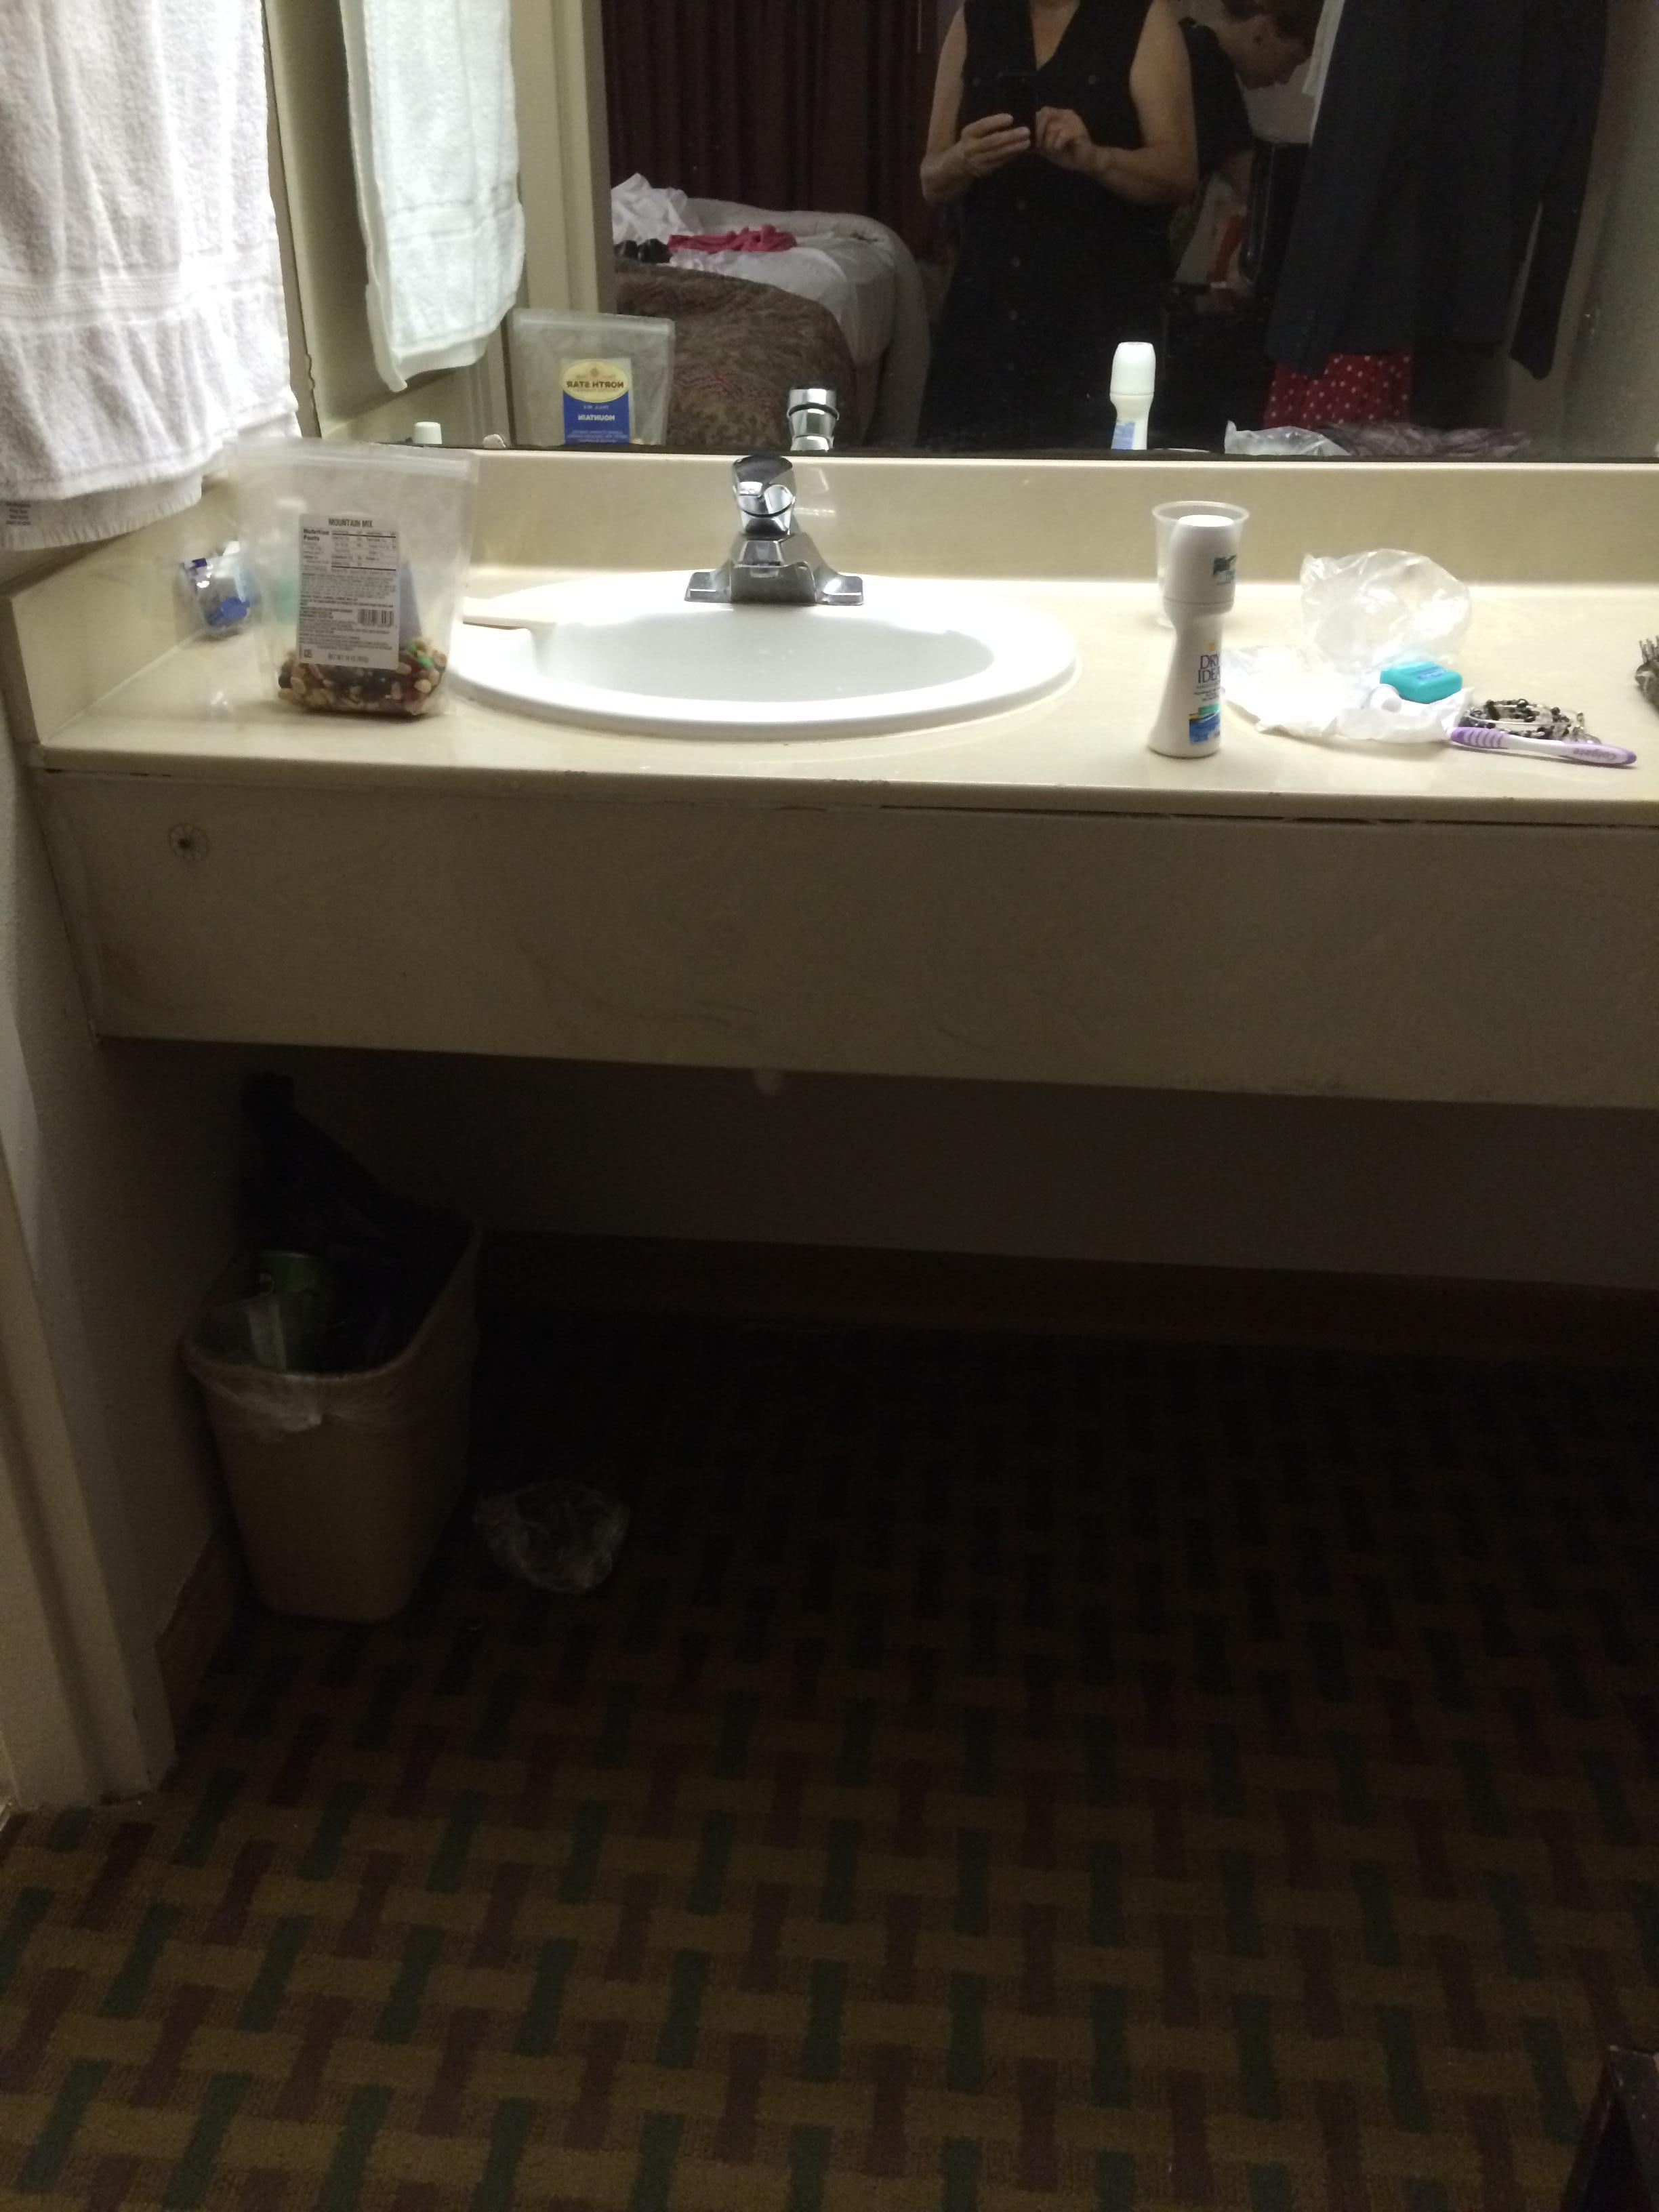 Roach on sink